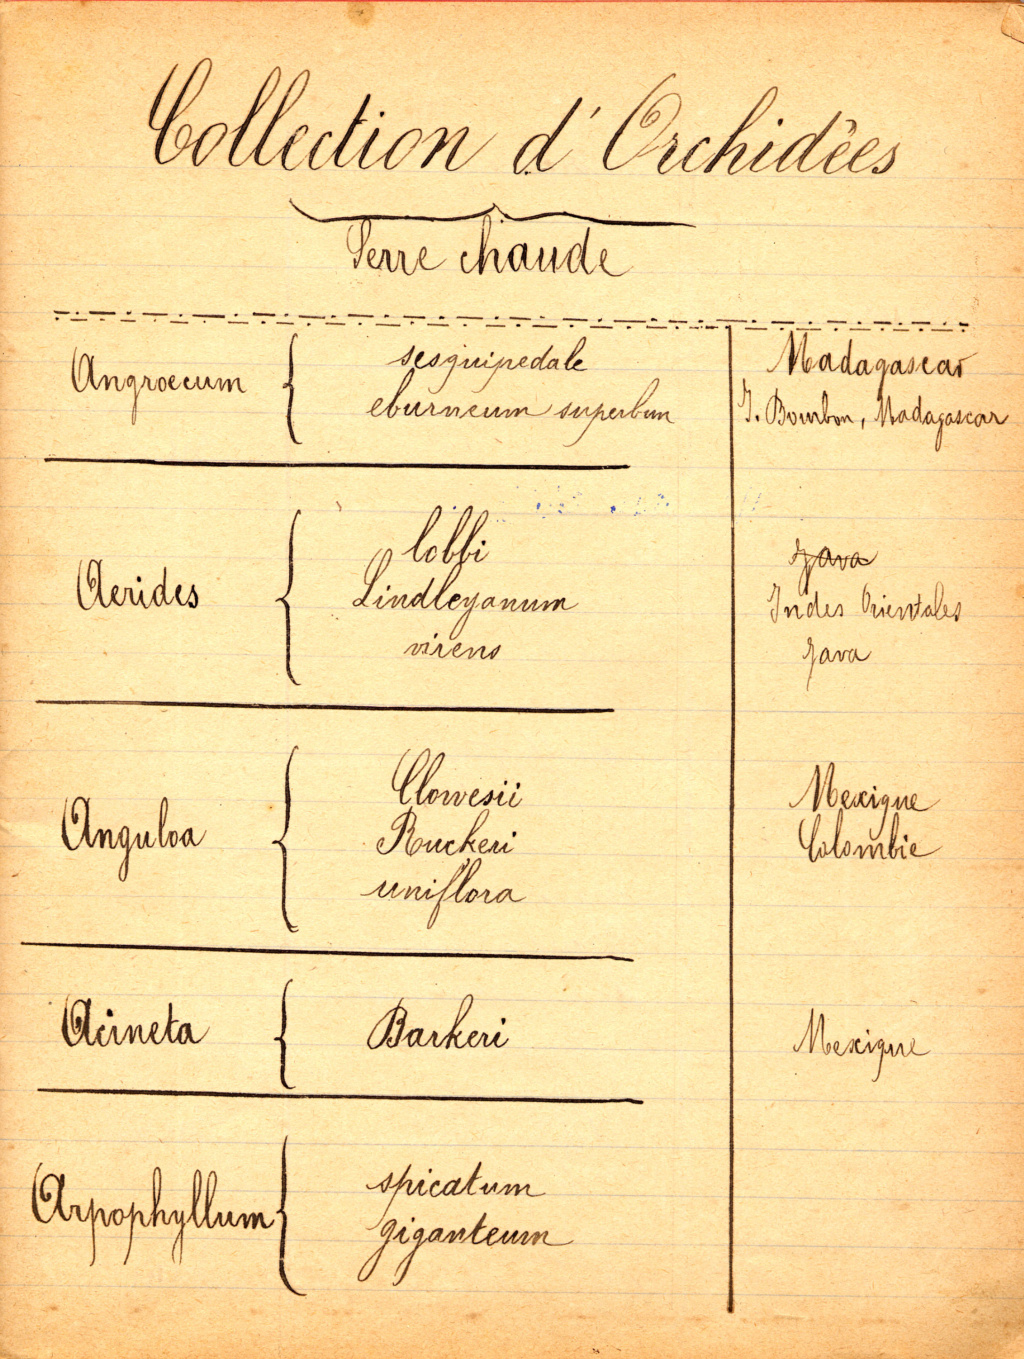 Inventaire d'une collection d'orchidée en 1891 Serre_10